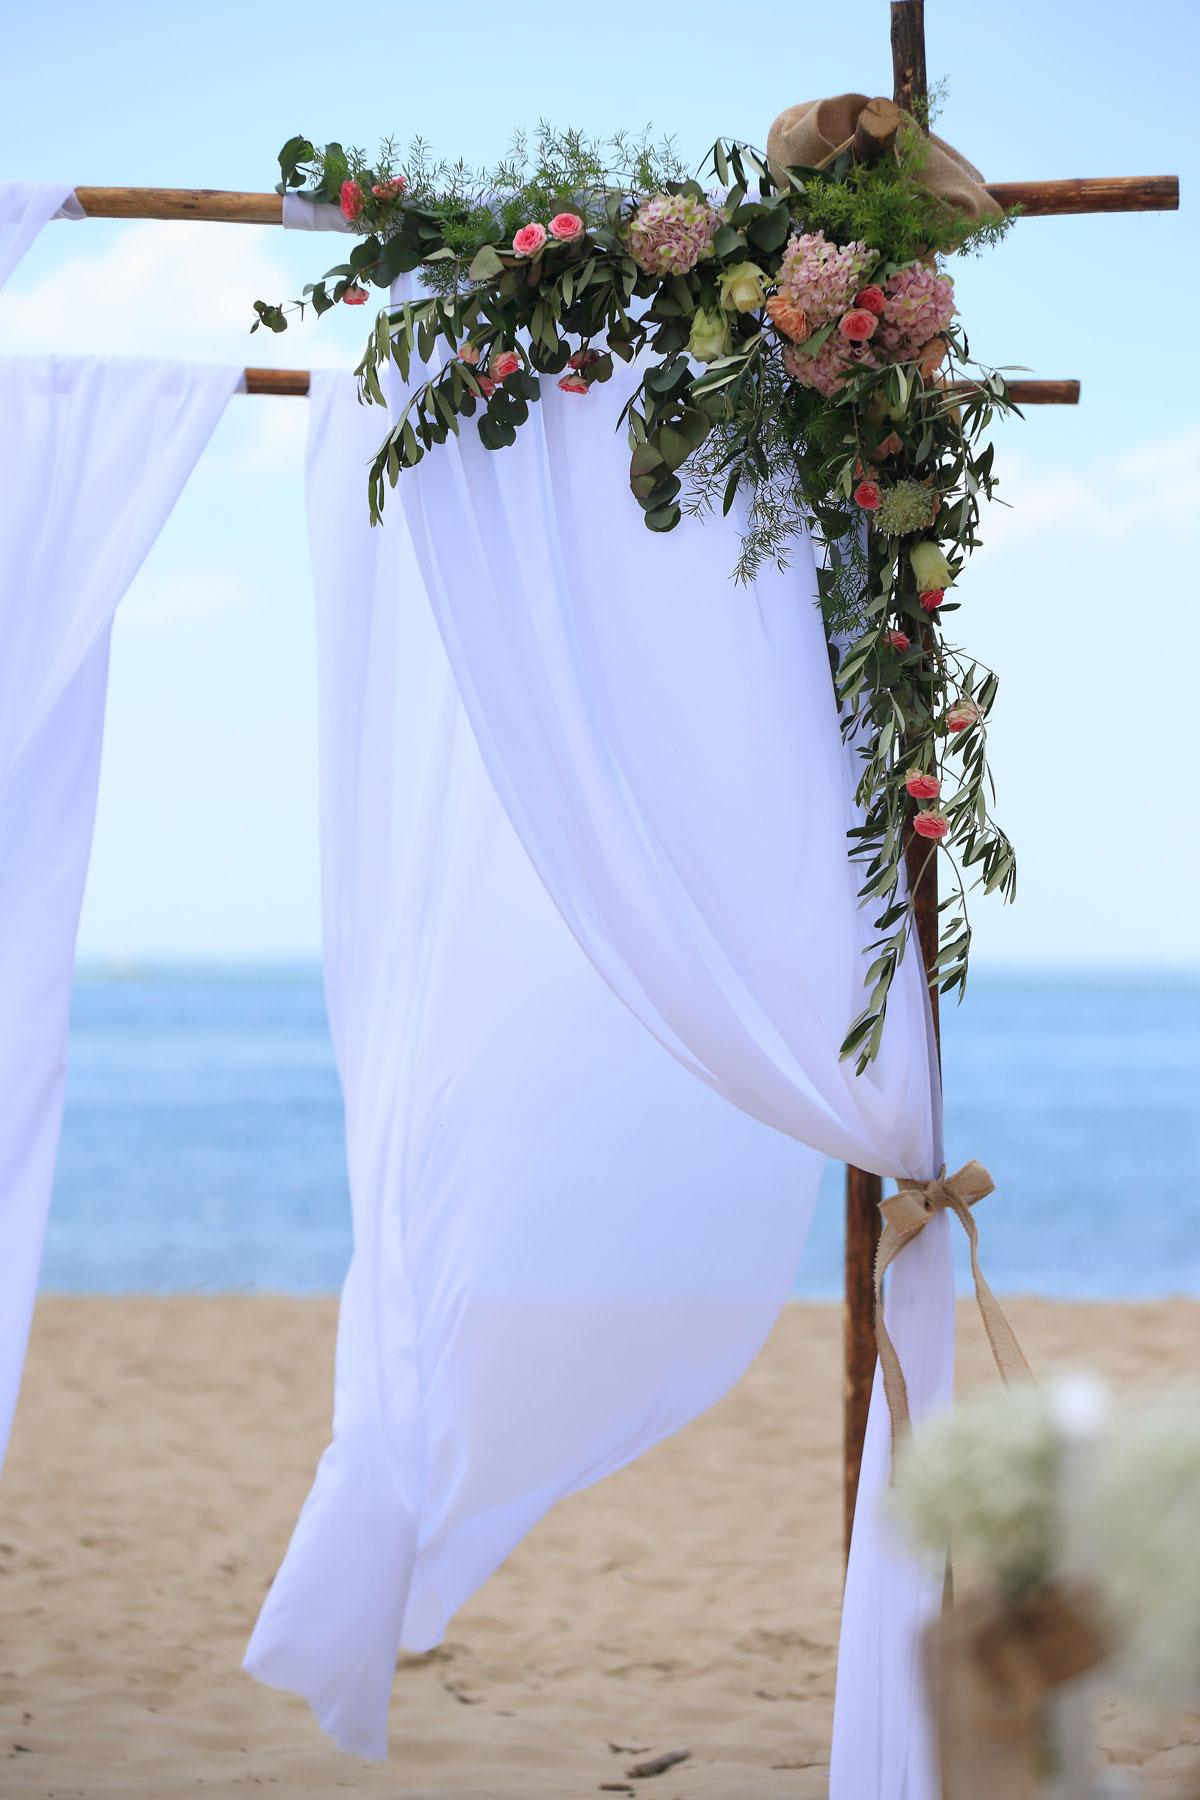 Mariage-sur-la-plage-arche-ceremonie-laique-studio-aloki